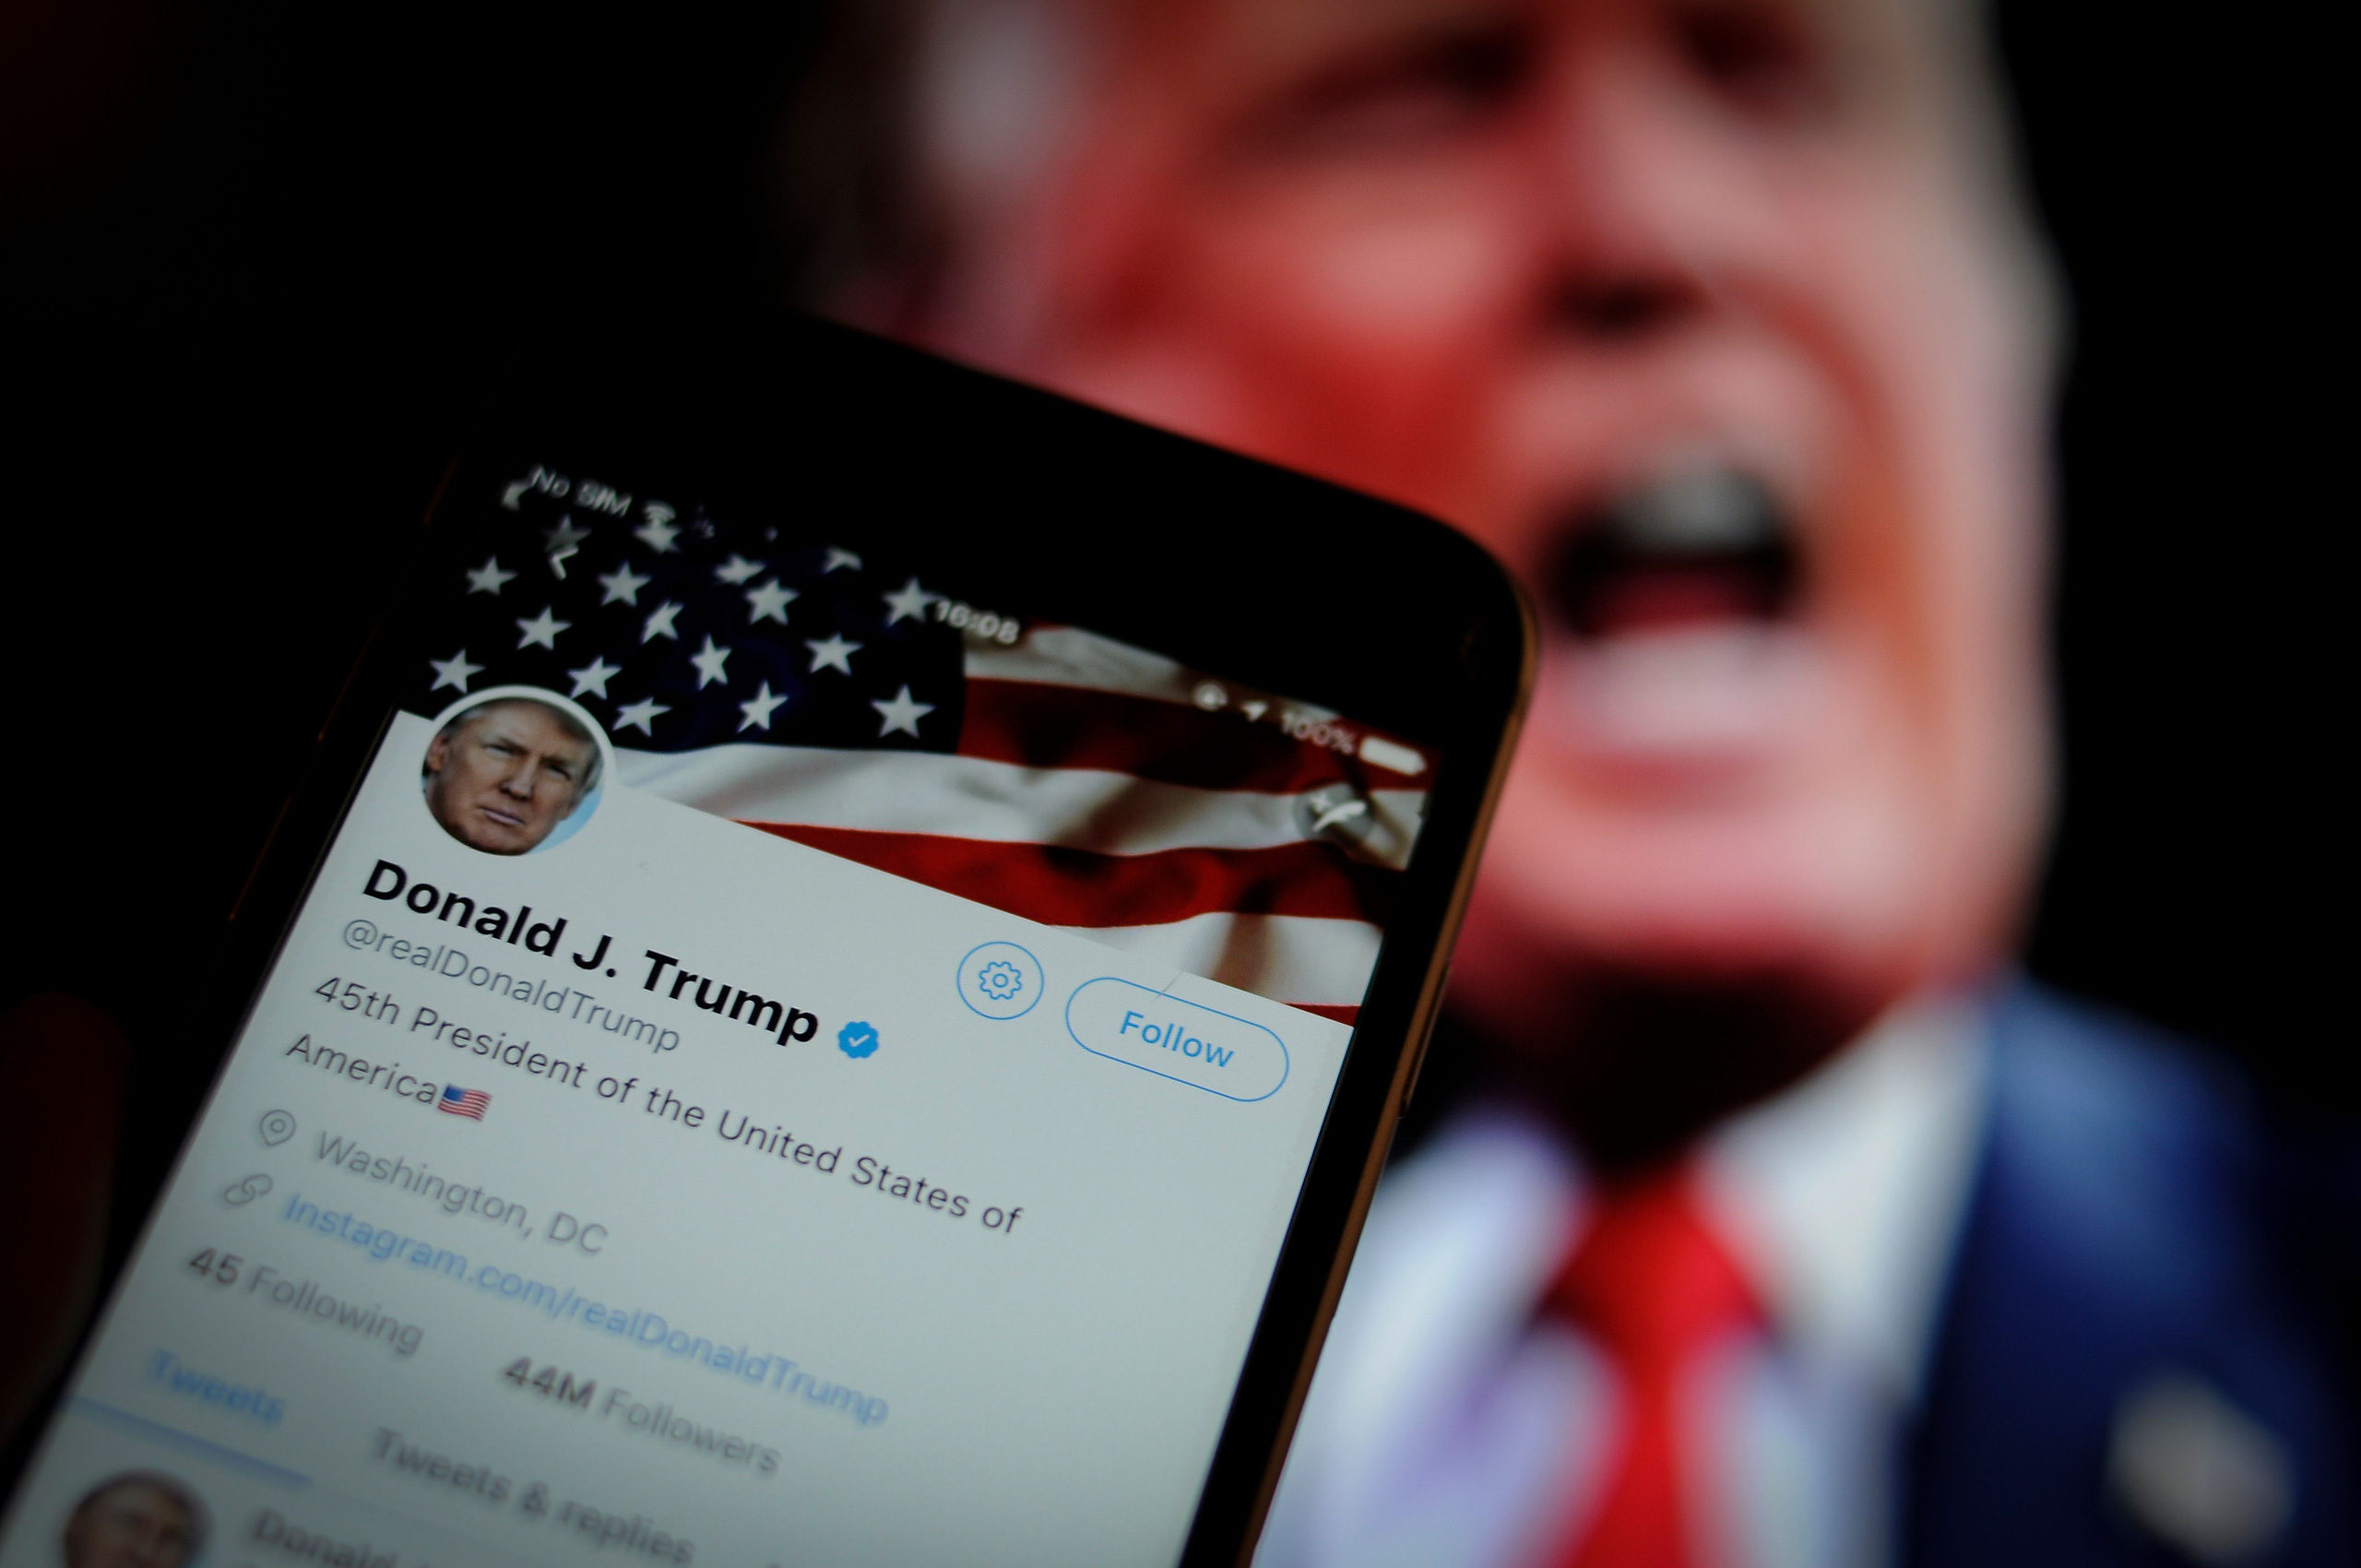 Đại sứ quán Trung Quốc nói tài khoản Twitter 'bị hack' sau khi chia sẻ tweet gian lận bầu cử của ông Trump - Ảnh 1.